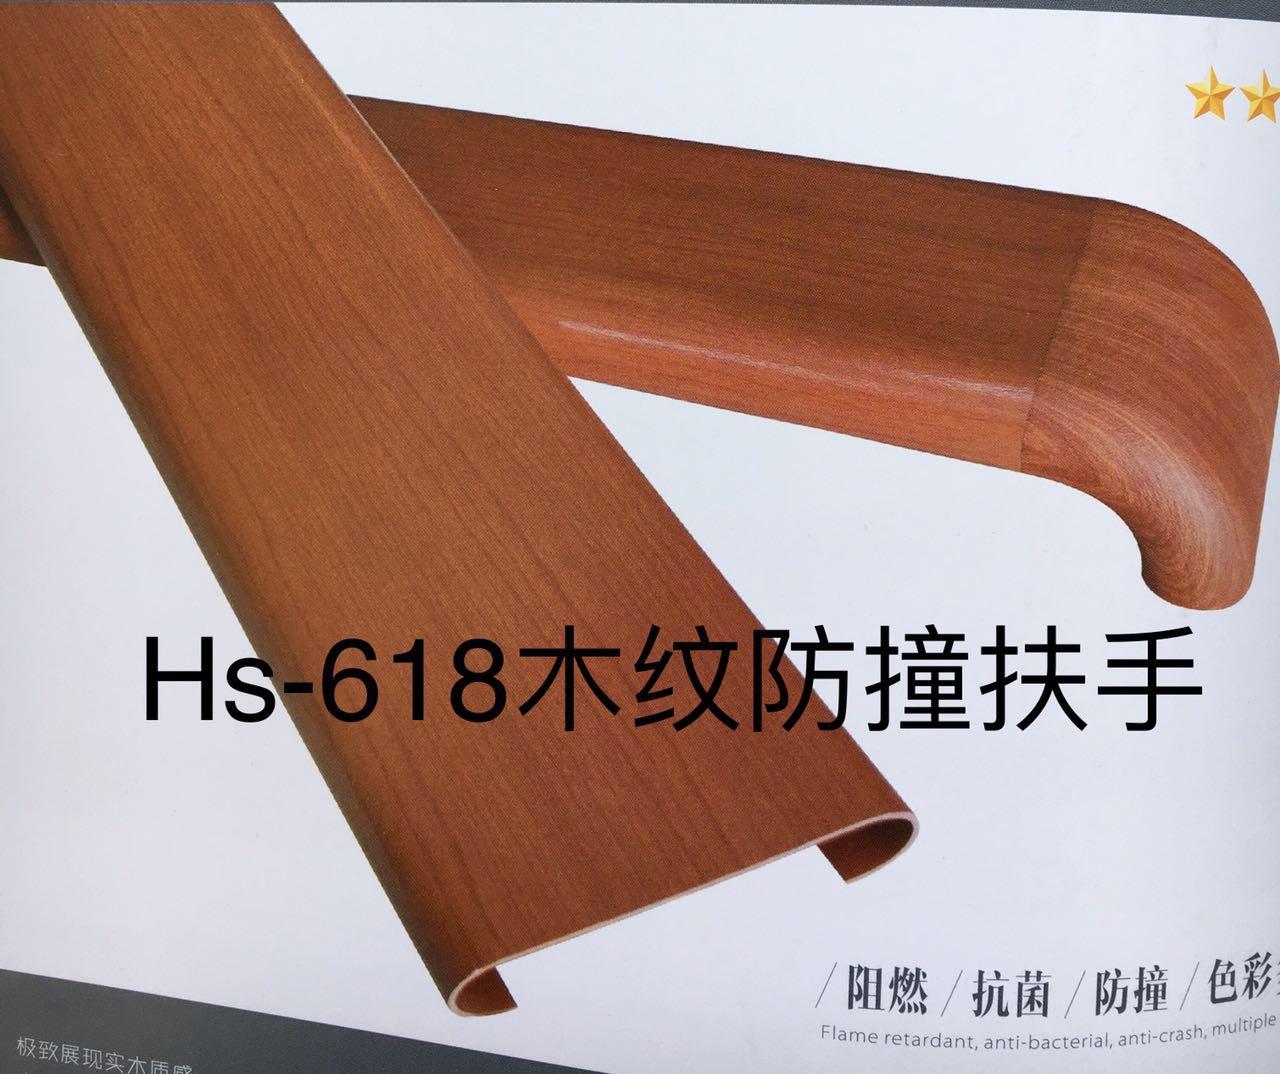 Hs-618木纹防撞扶手